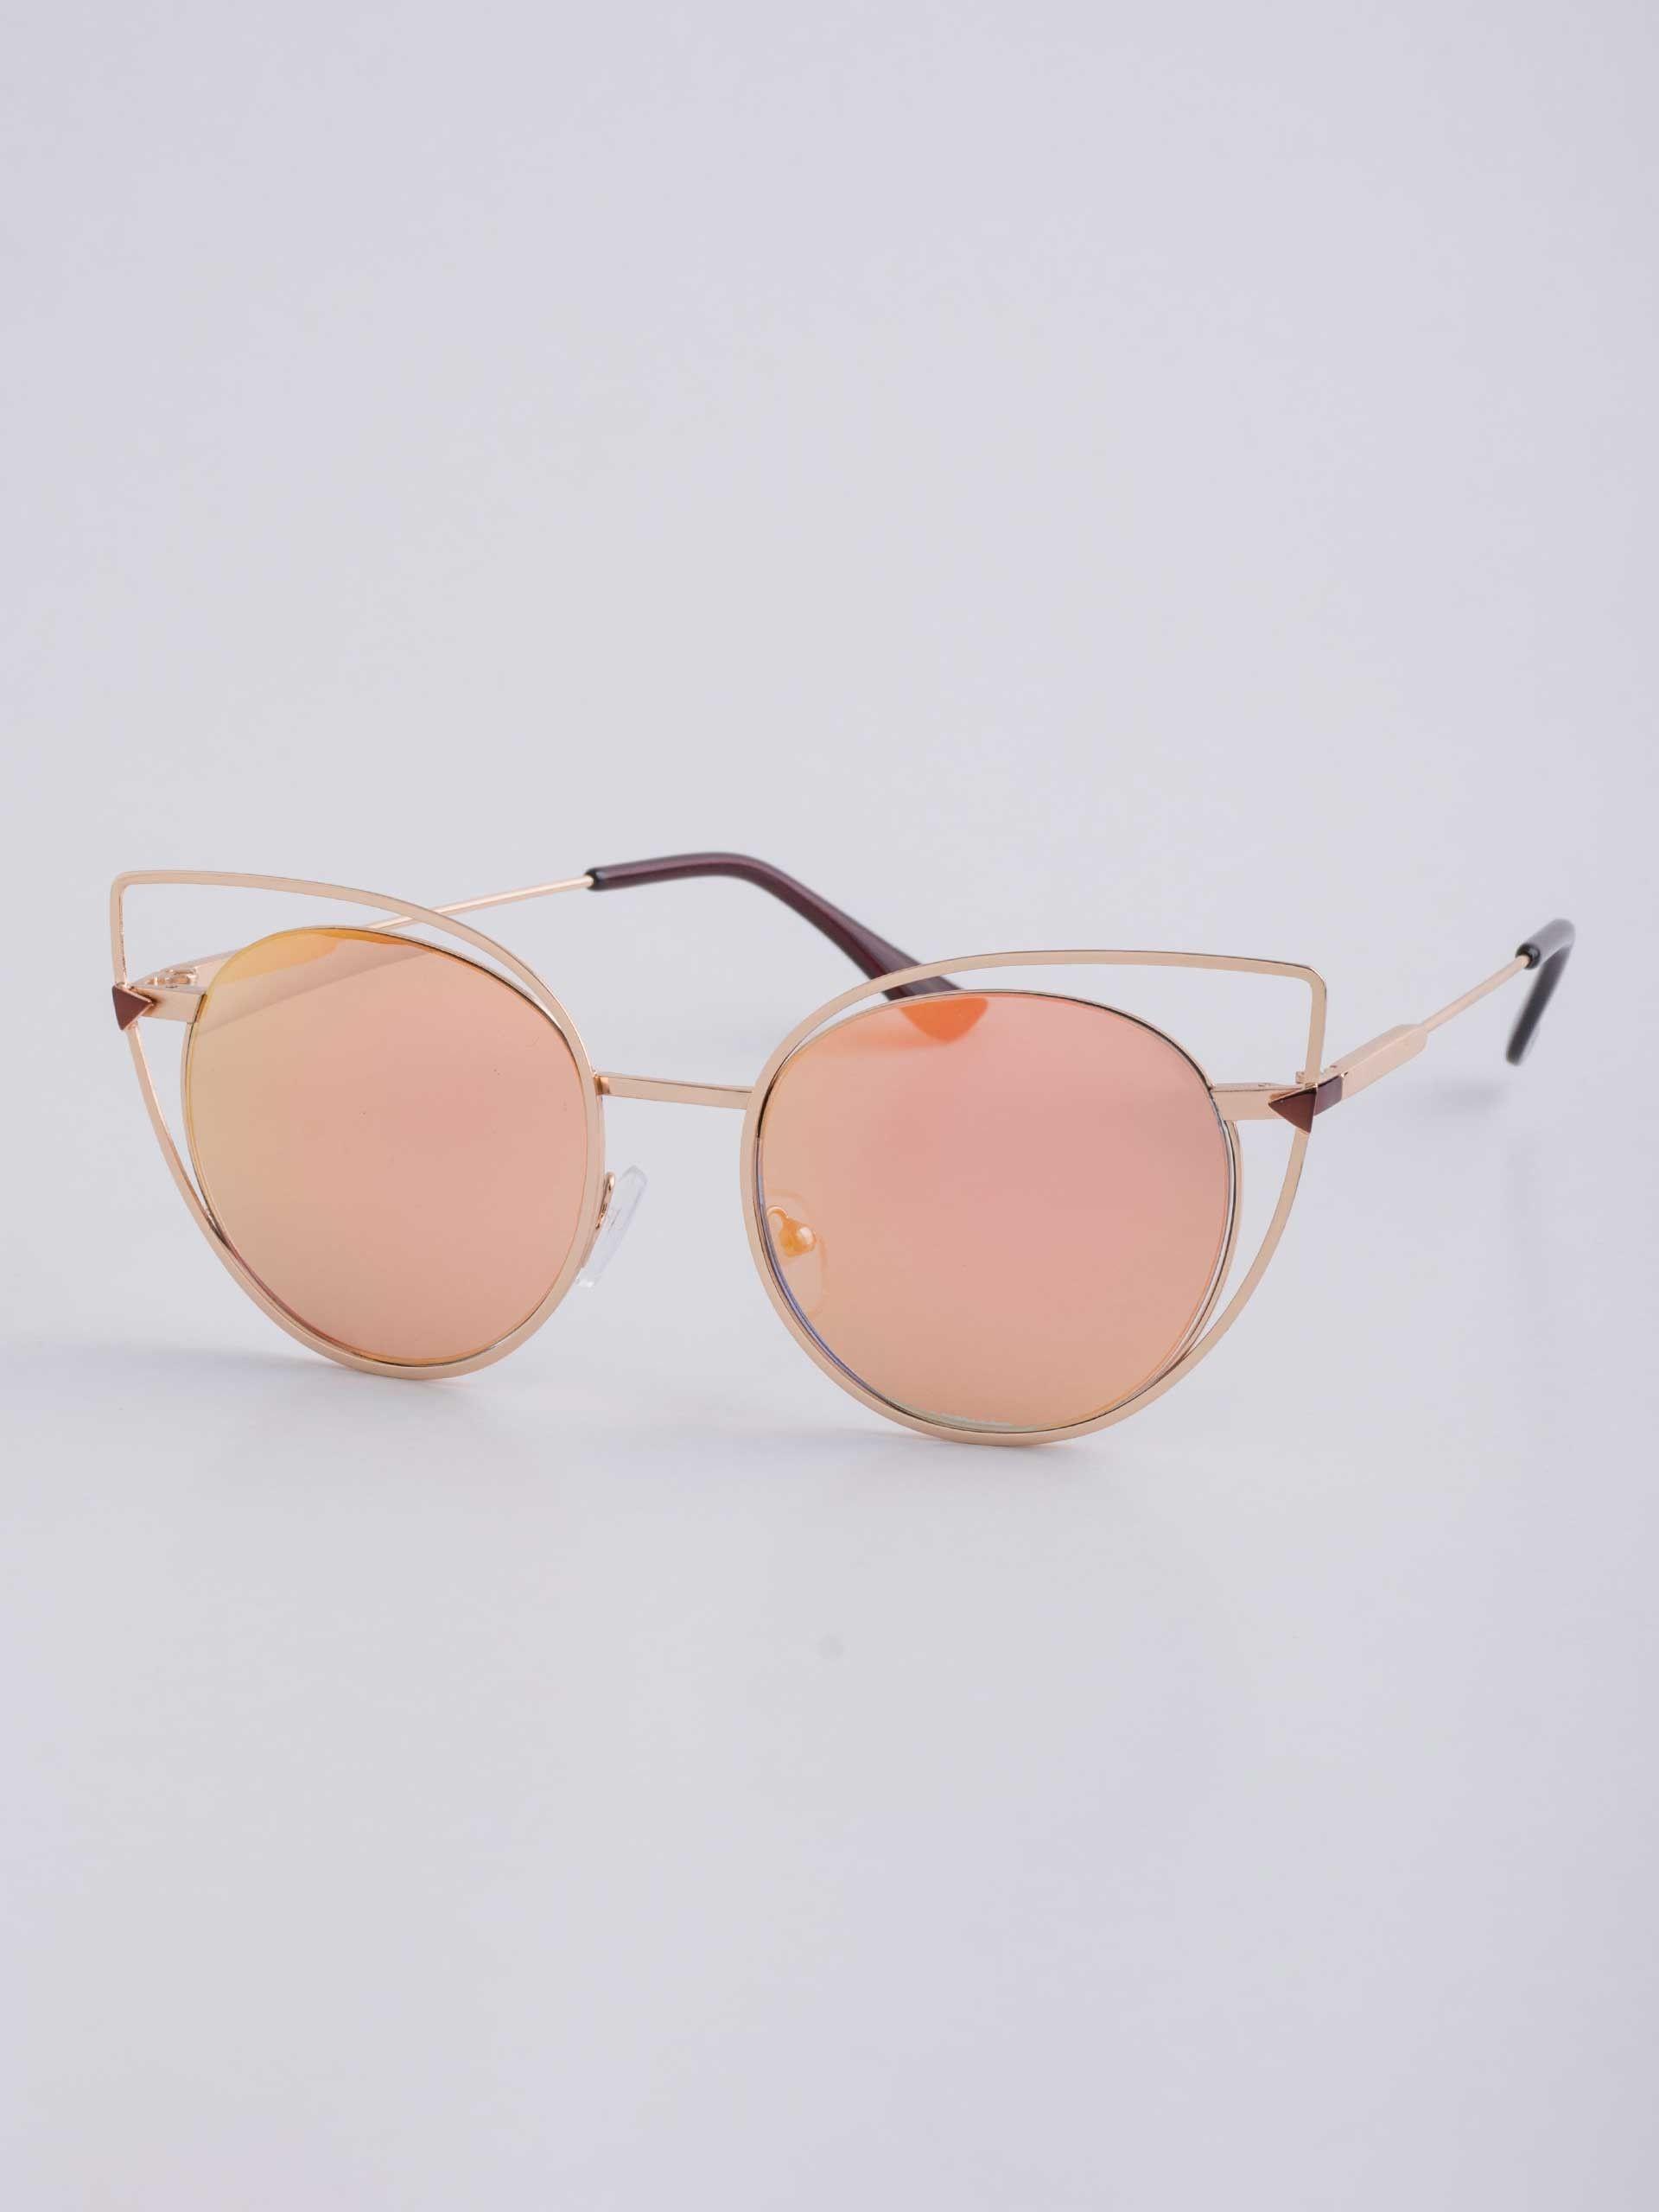 UI GAFAS (online)     49,90    cor desert Óculos de Sol Gatinha com Armação  em Metal Vazada 189645d4d4